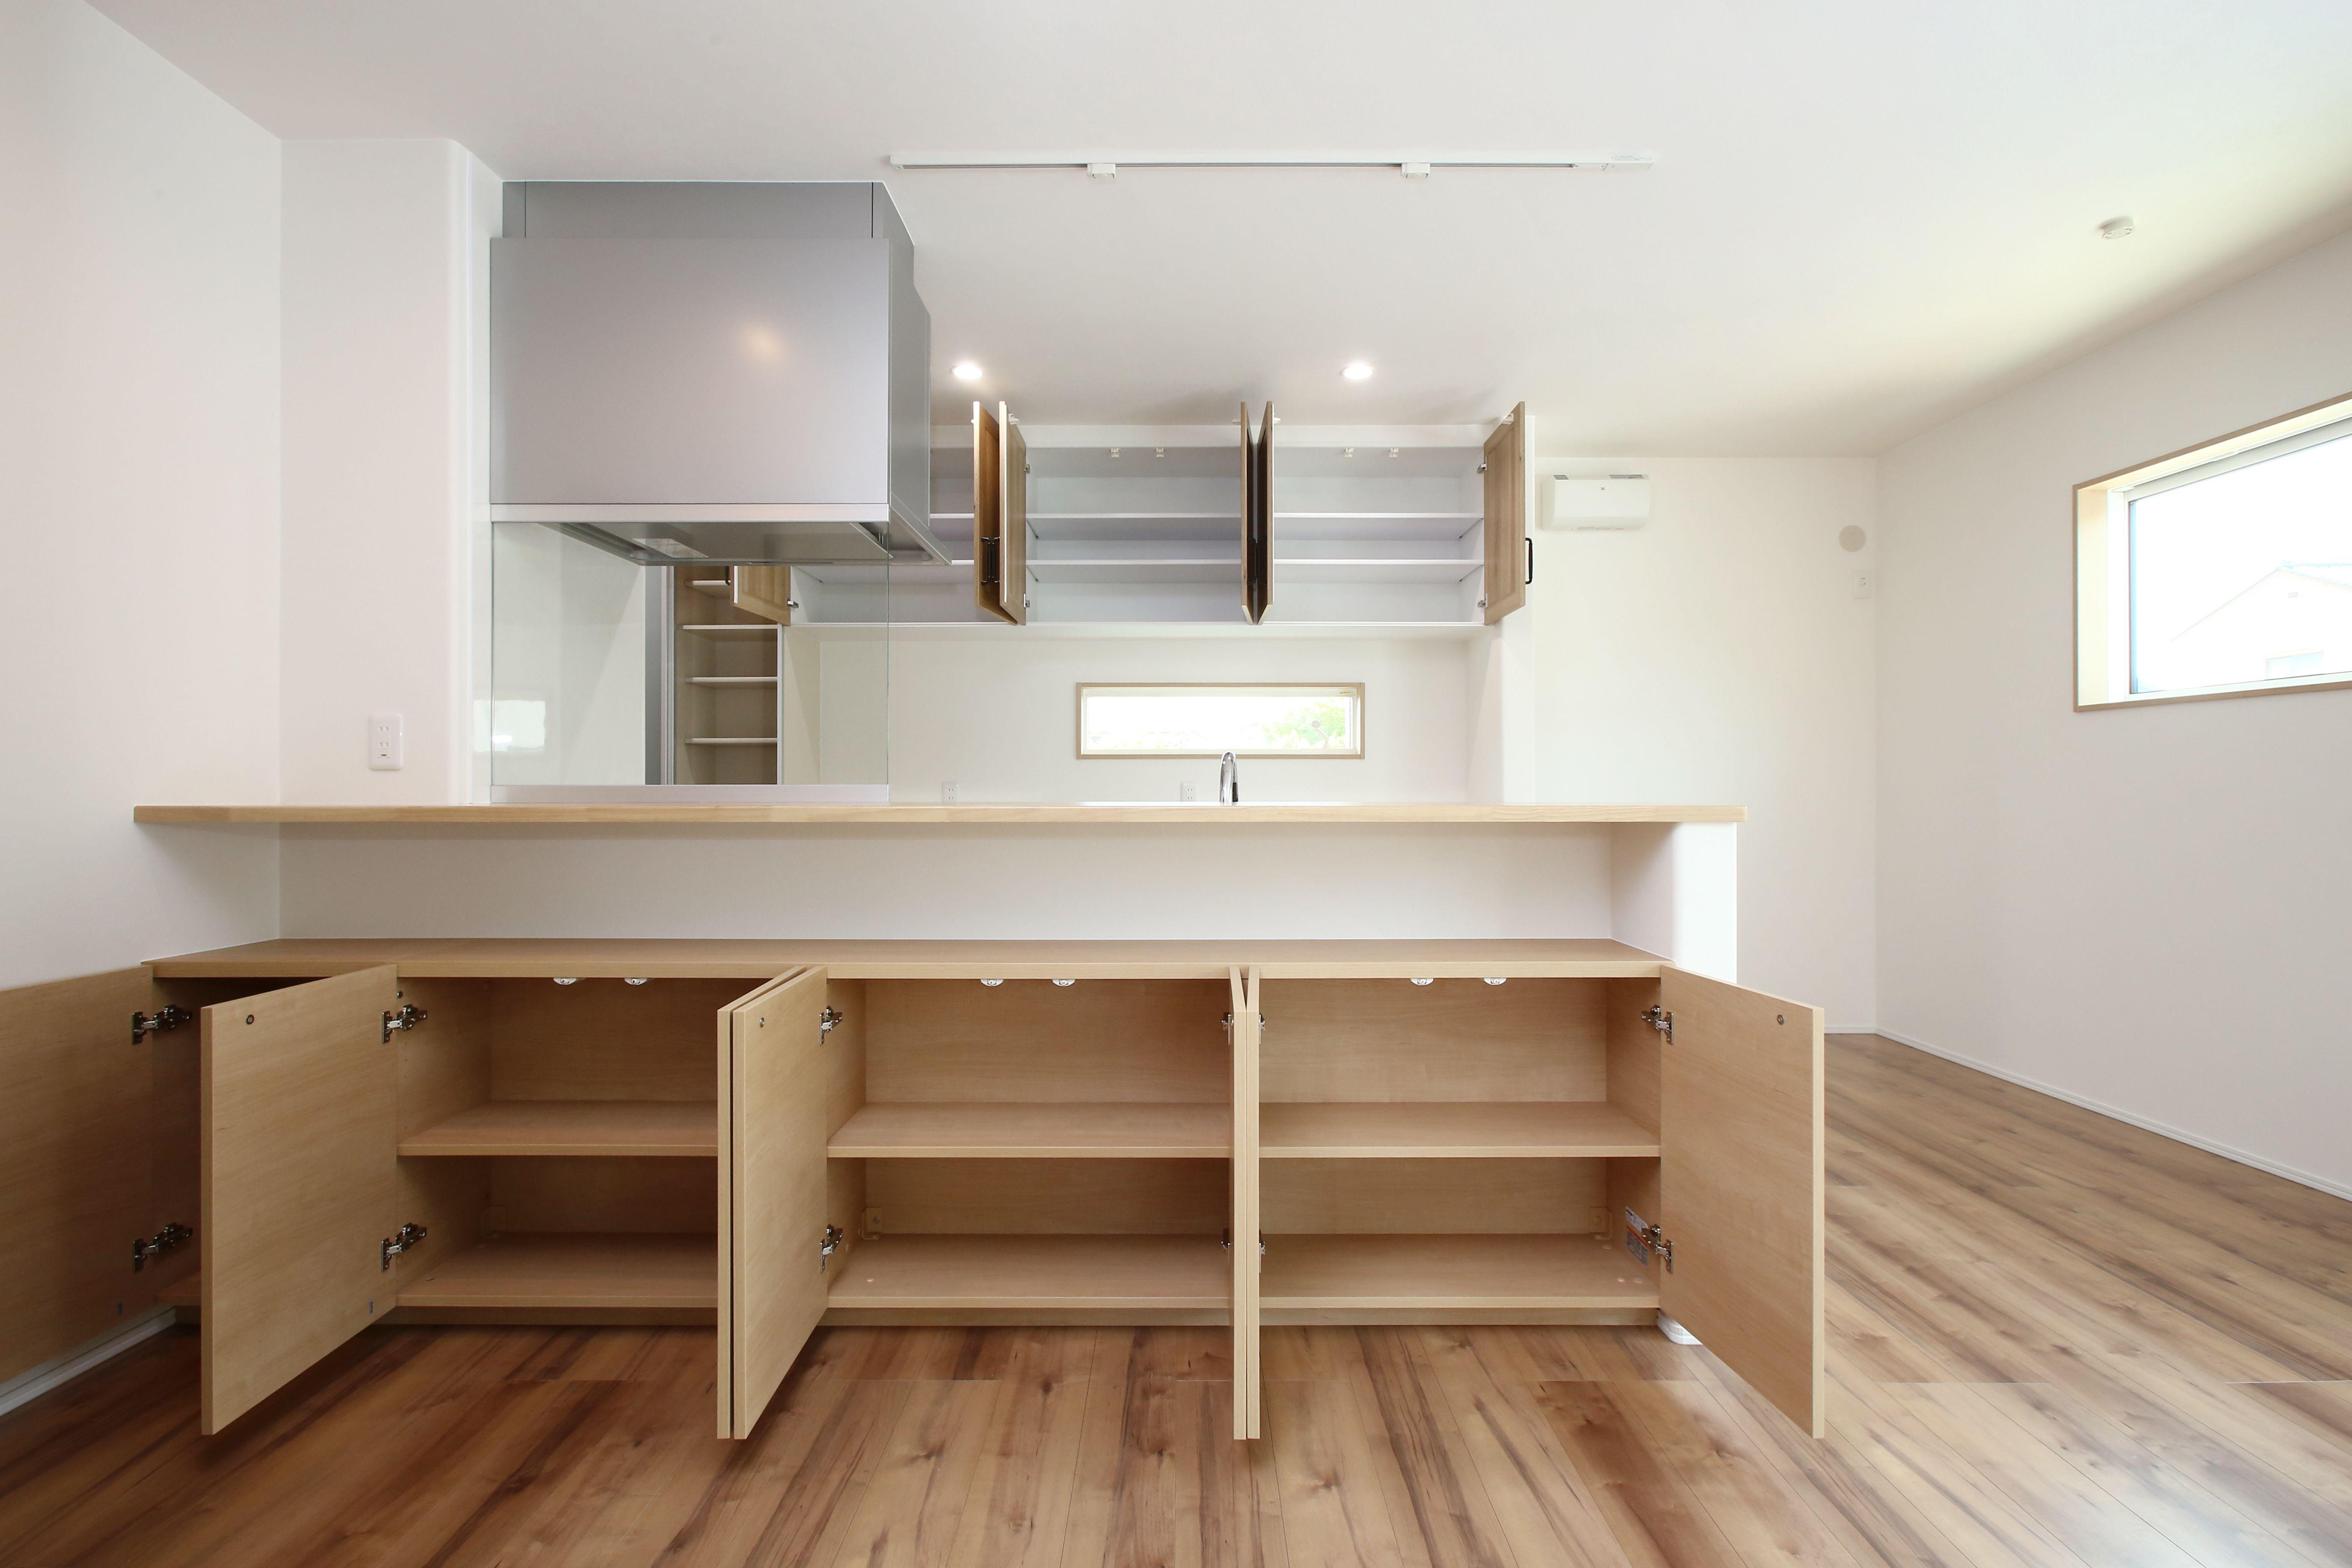 キッチン前カウンターと収納 アイフルホーム 収納 キッチン